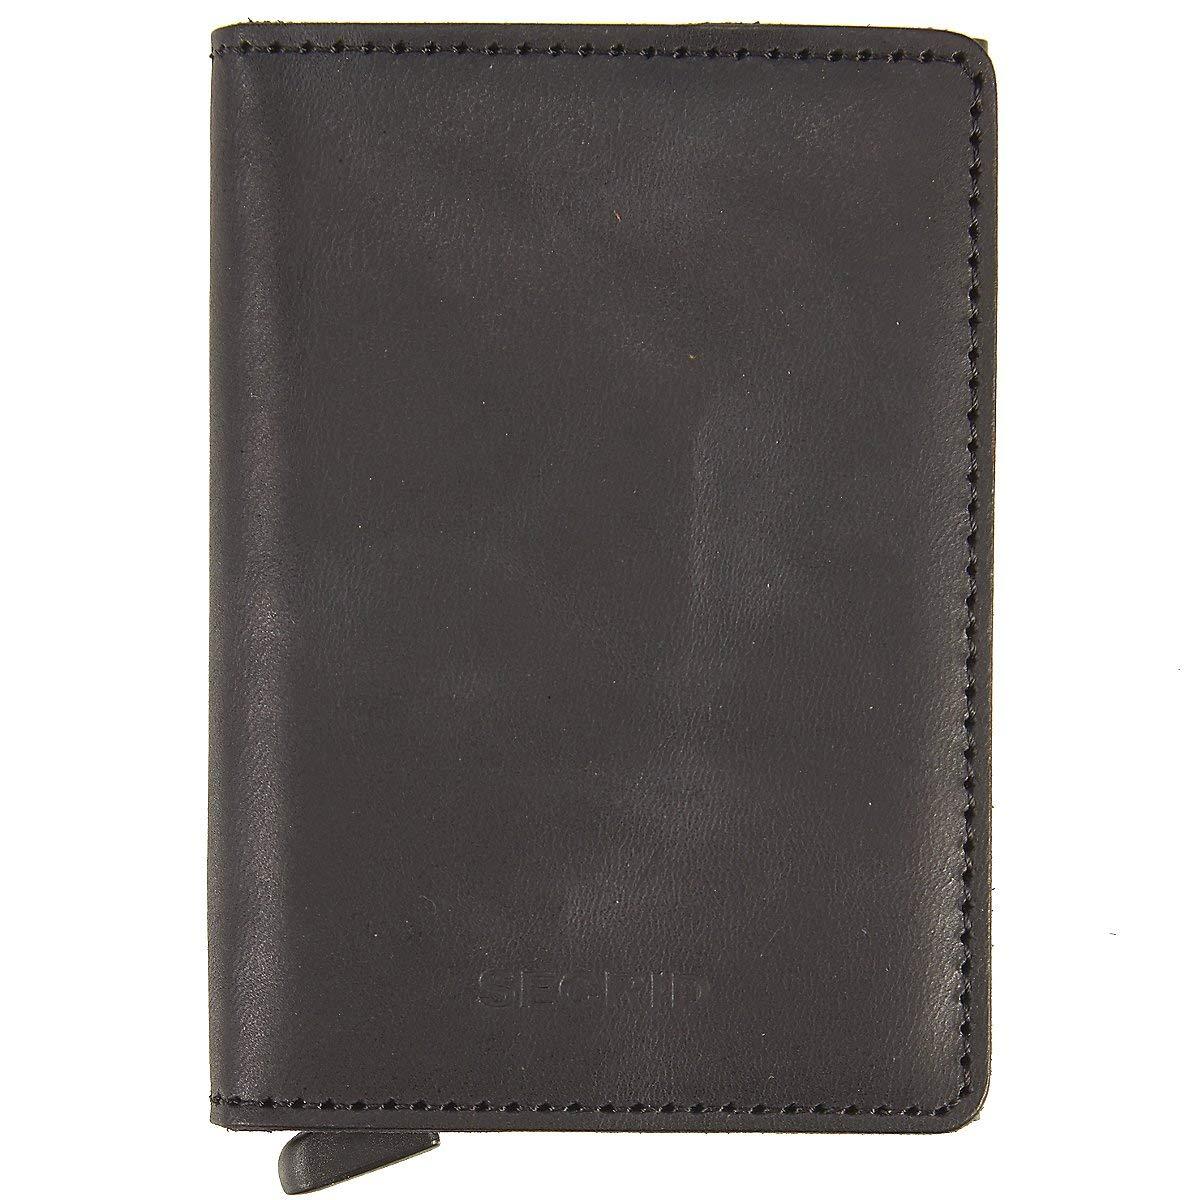 Secrid Slim Wallet Leather Vintage Black, Rfid Safe Card Case by Secrid